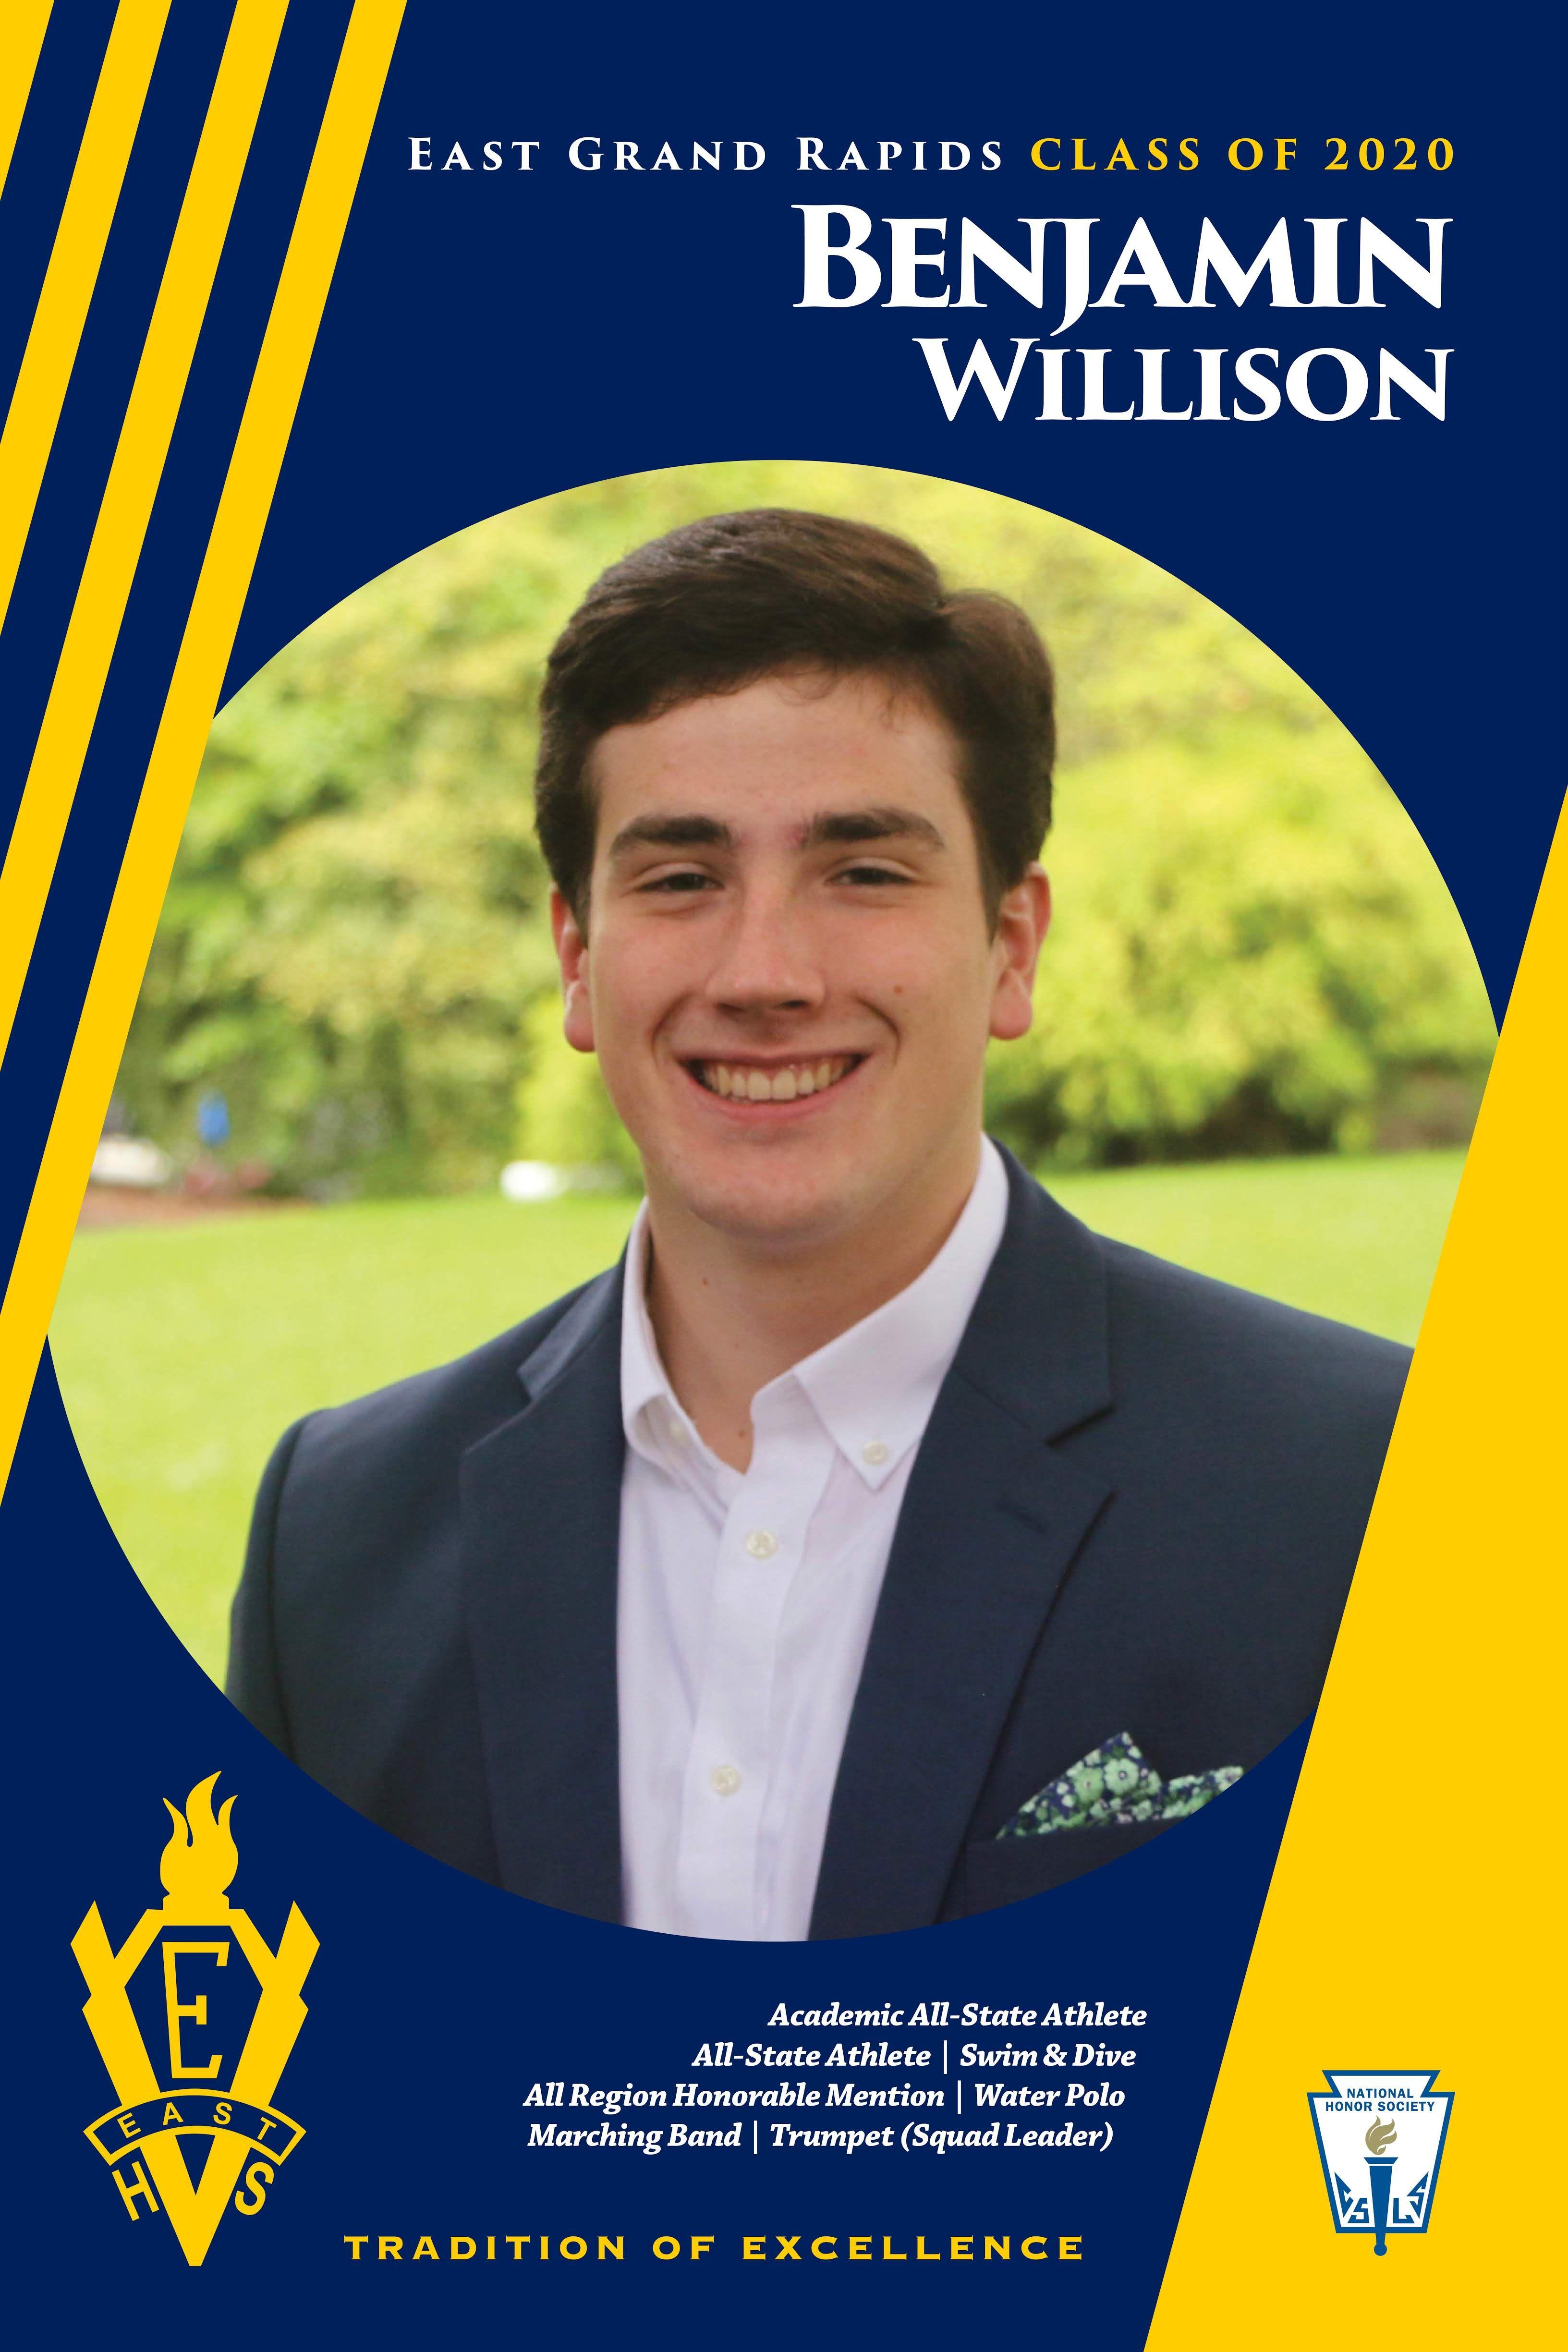 Benjamin Willison